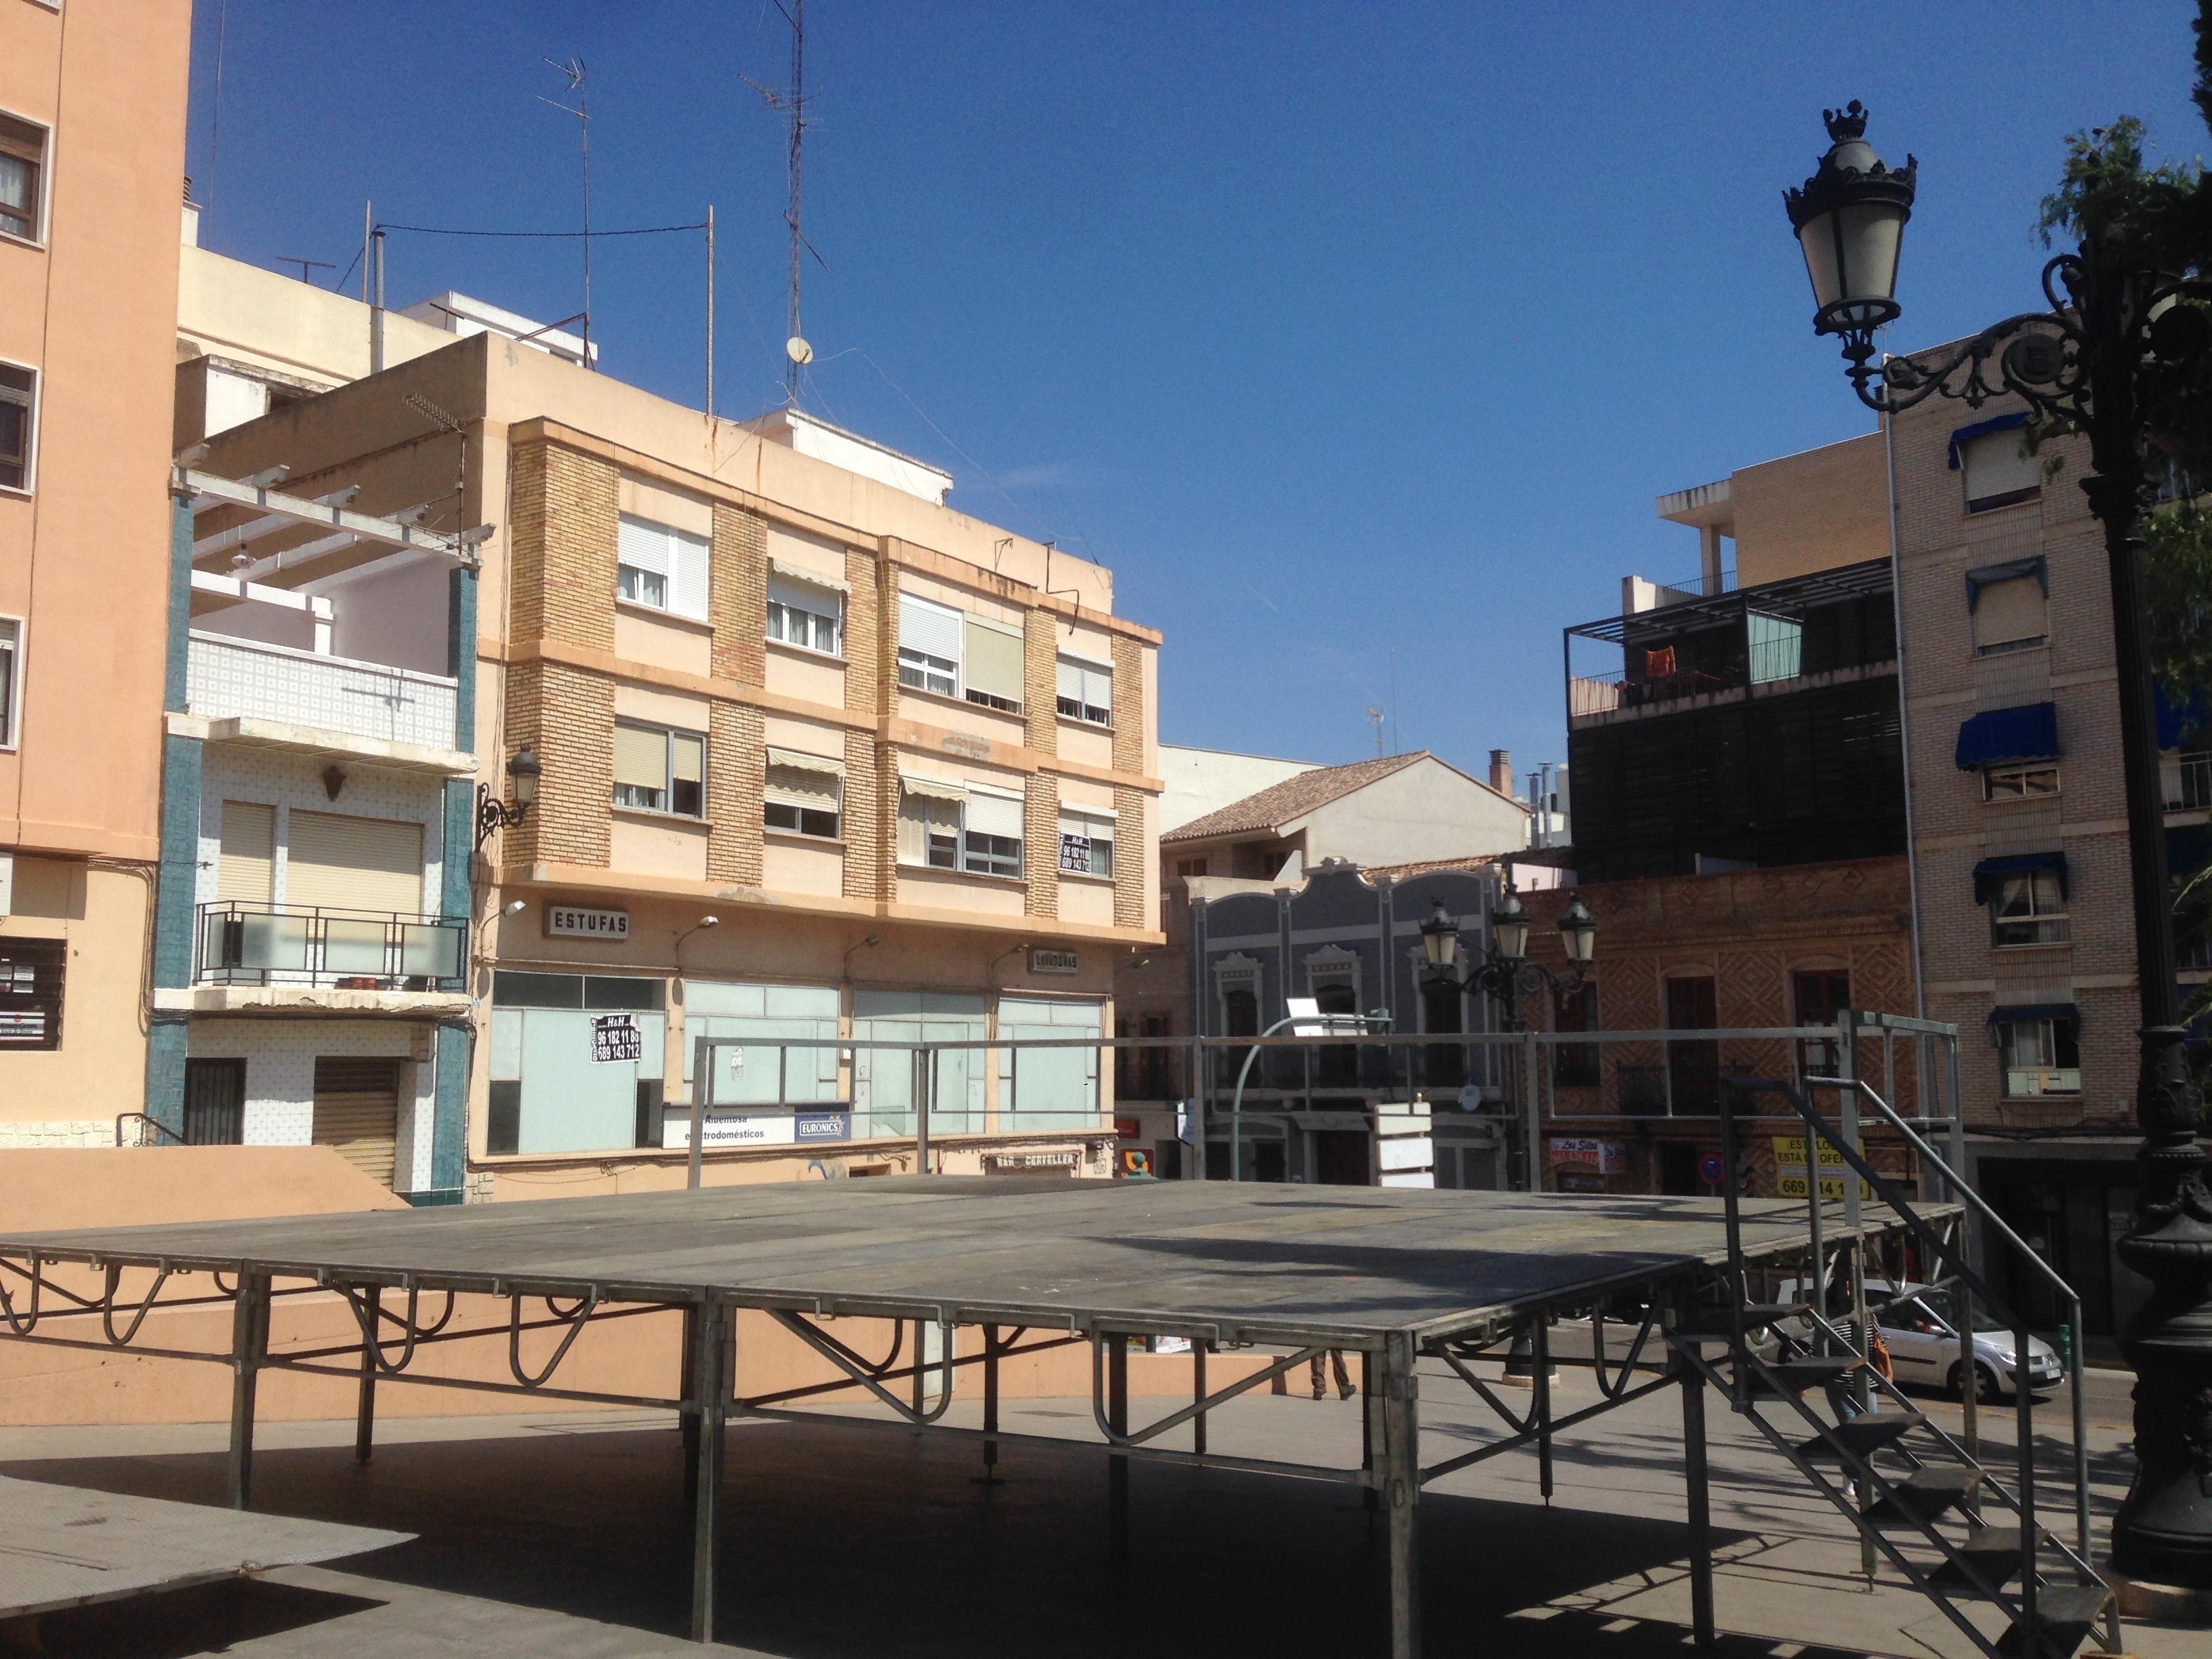 Escenario Emilio Castelar Burjassot 2015